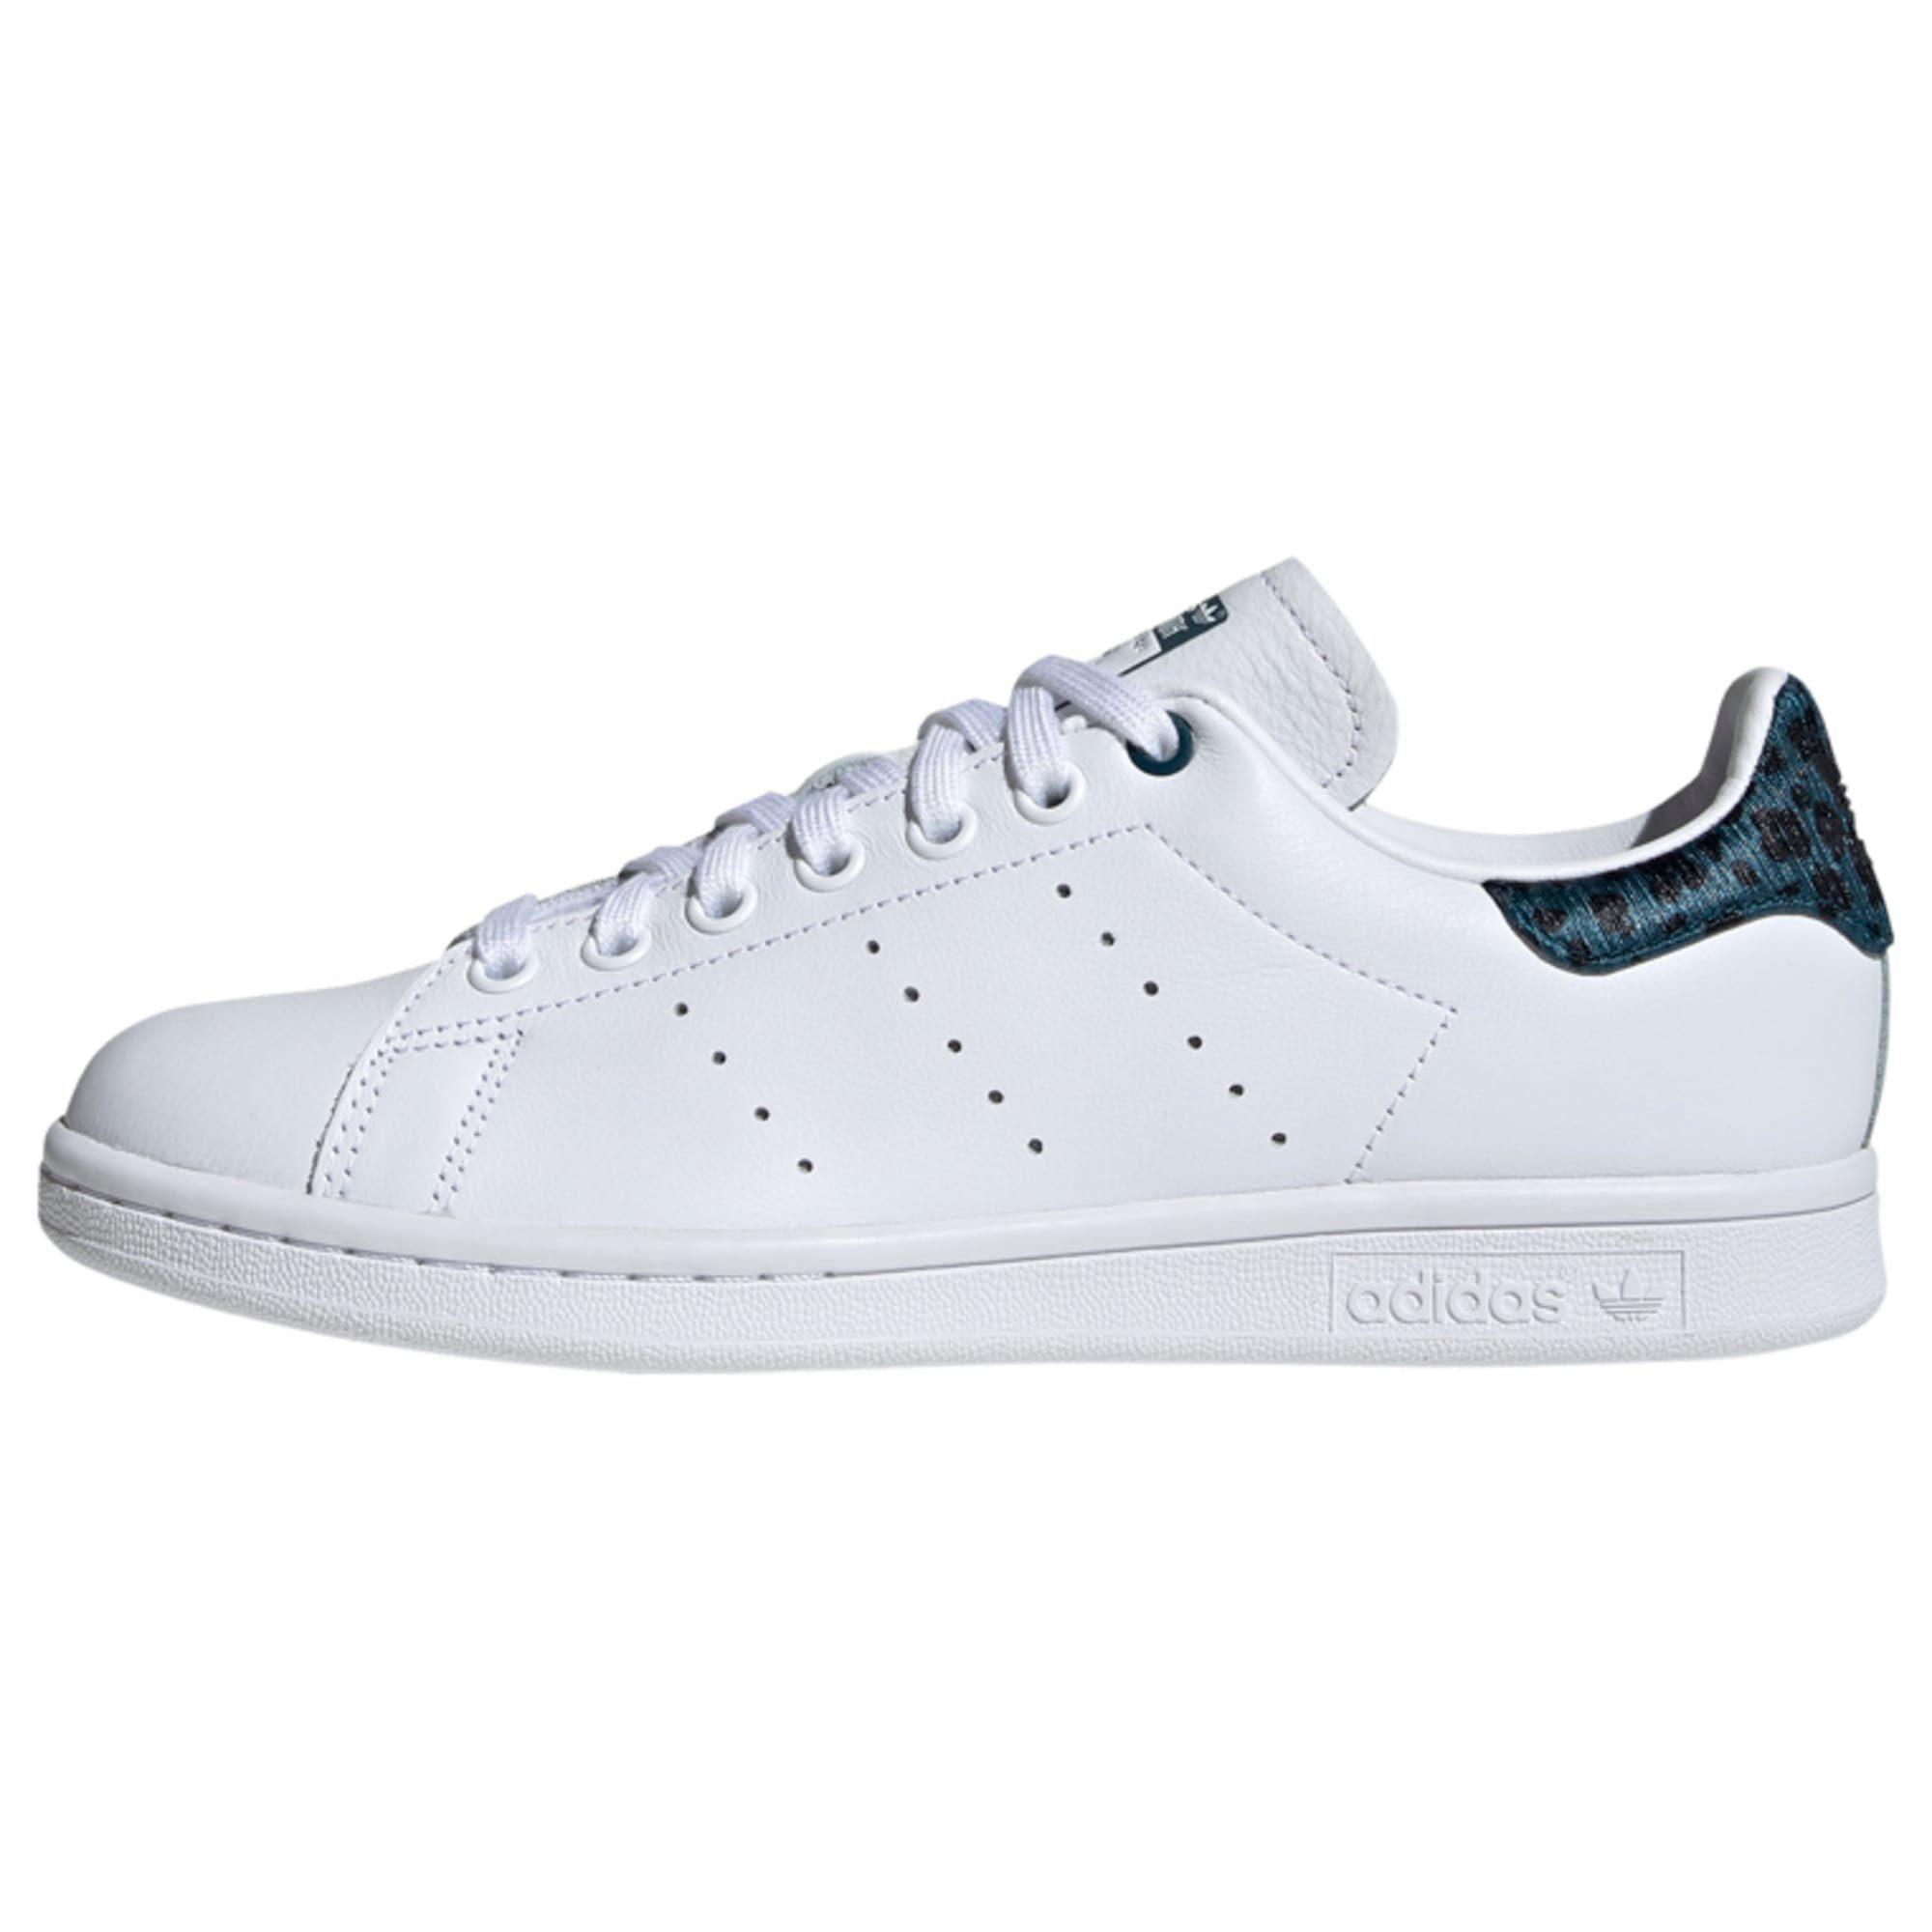 adidas Originals »Stan Smith Schuh« Sneaker Stan Smith, Synthetikfutter; Gummi Cupsohle online kaufen | OTTO